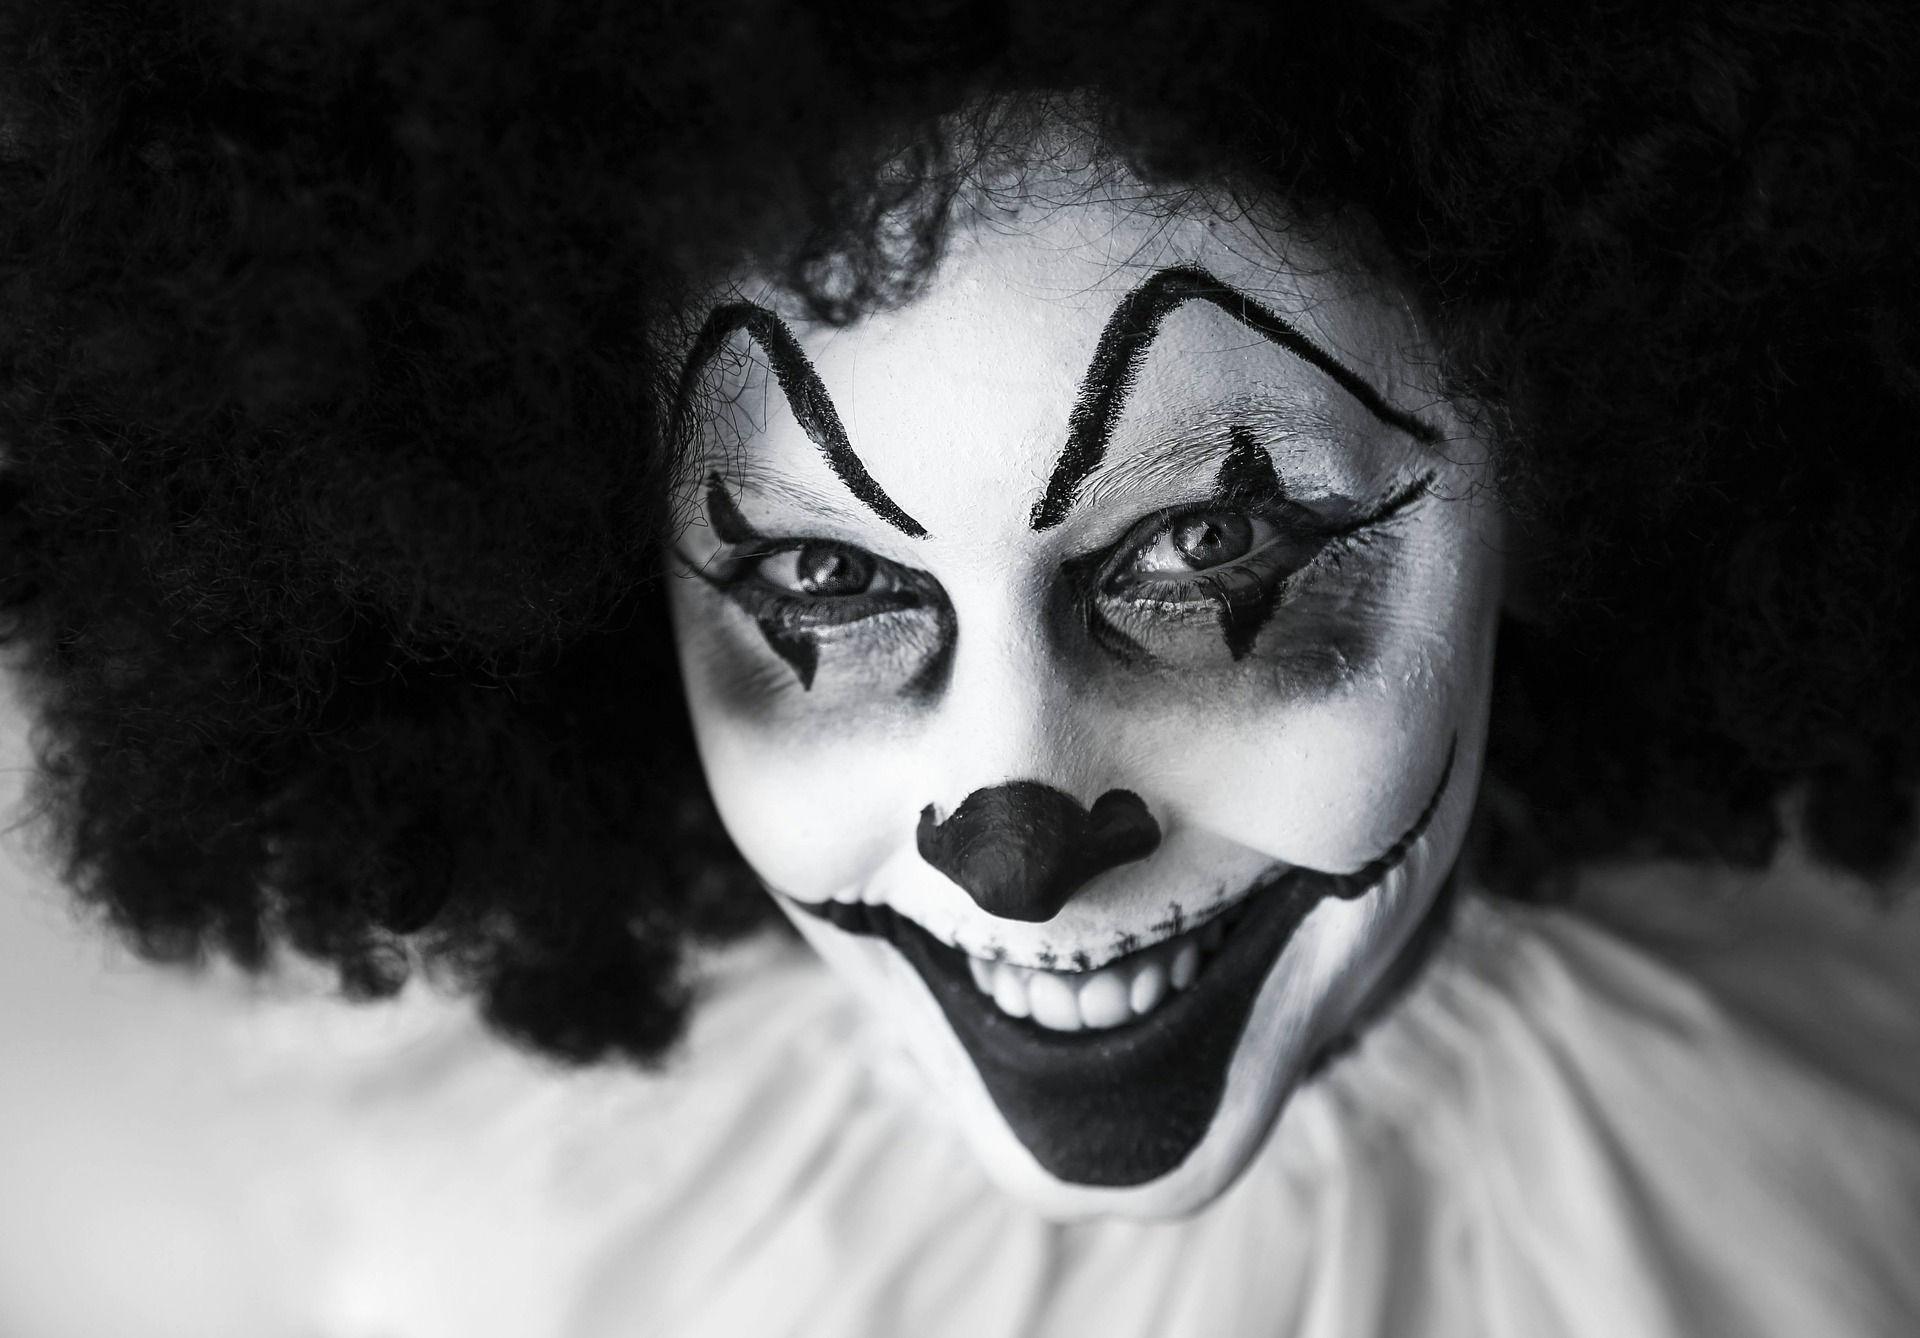 clown-630883_1920